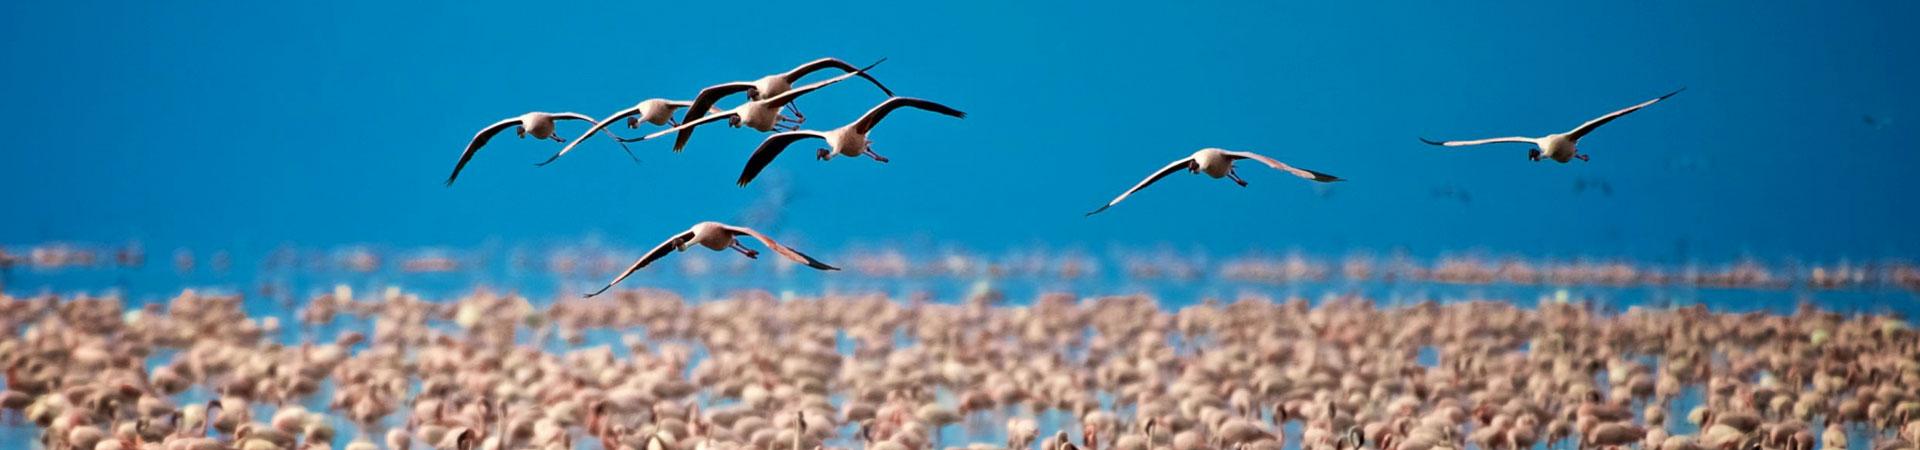 Day-Trip-To-Lake-Manyara-National-Park